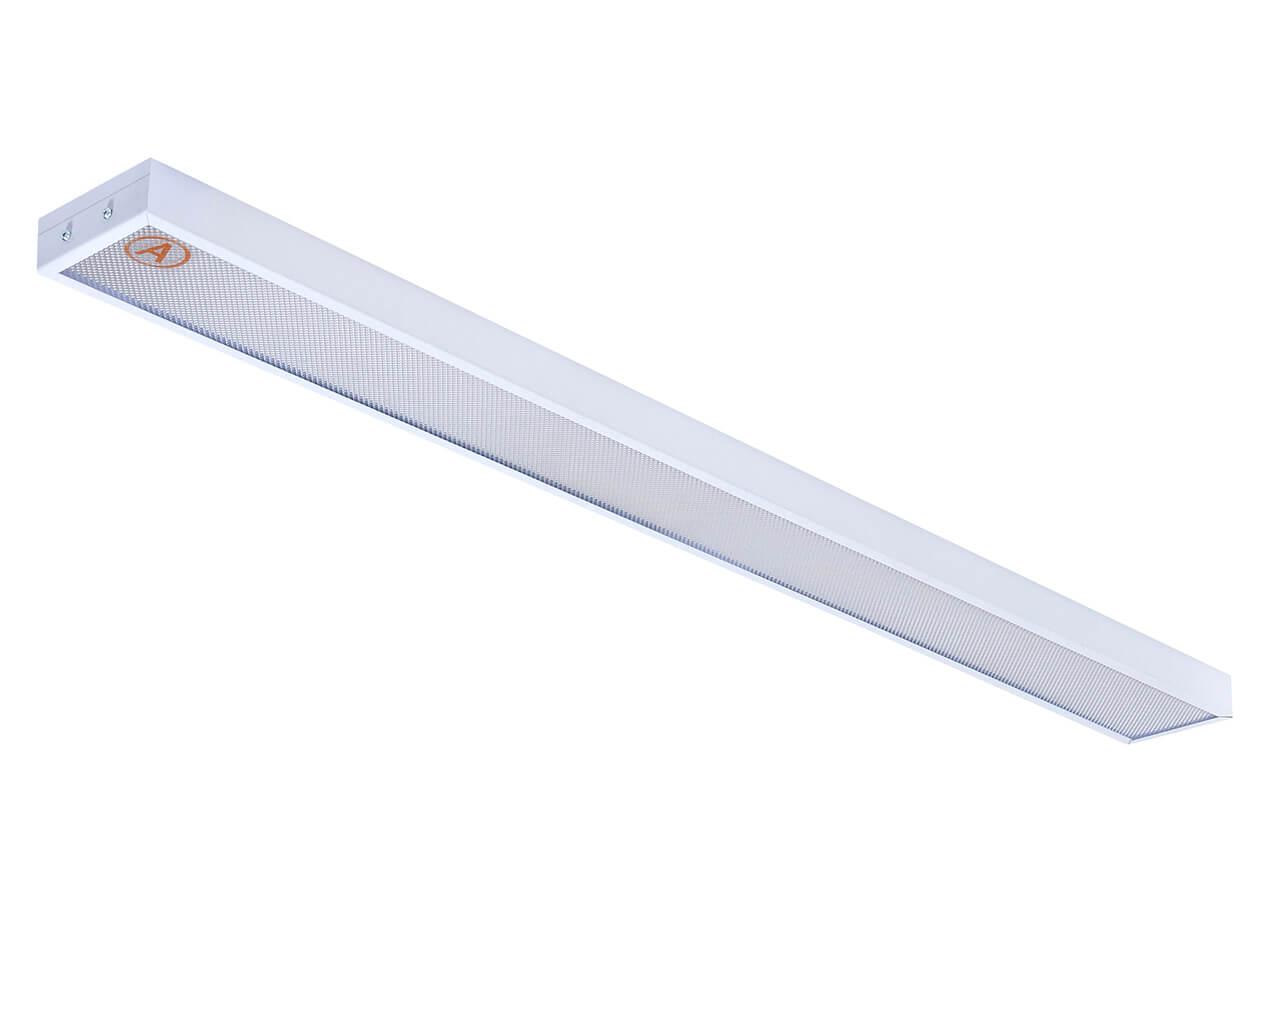 Накладной светильник узкий LC-NSU-20 ватт 1195x110 Теплый белый Призма с Бап-3 часа